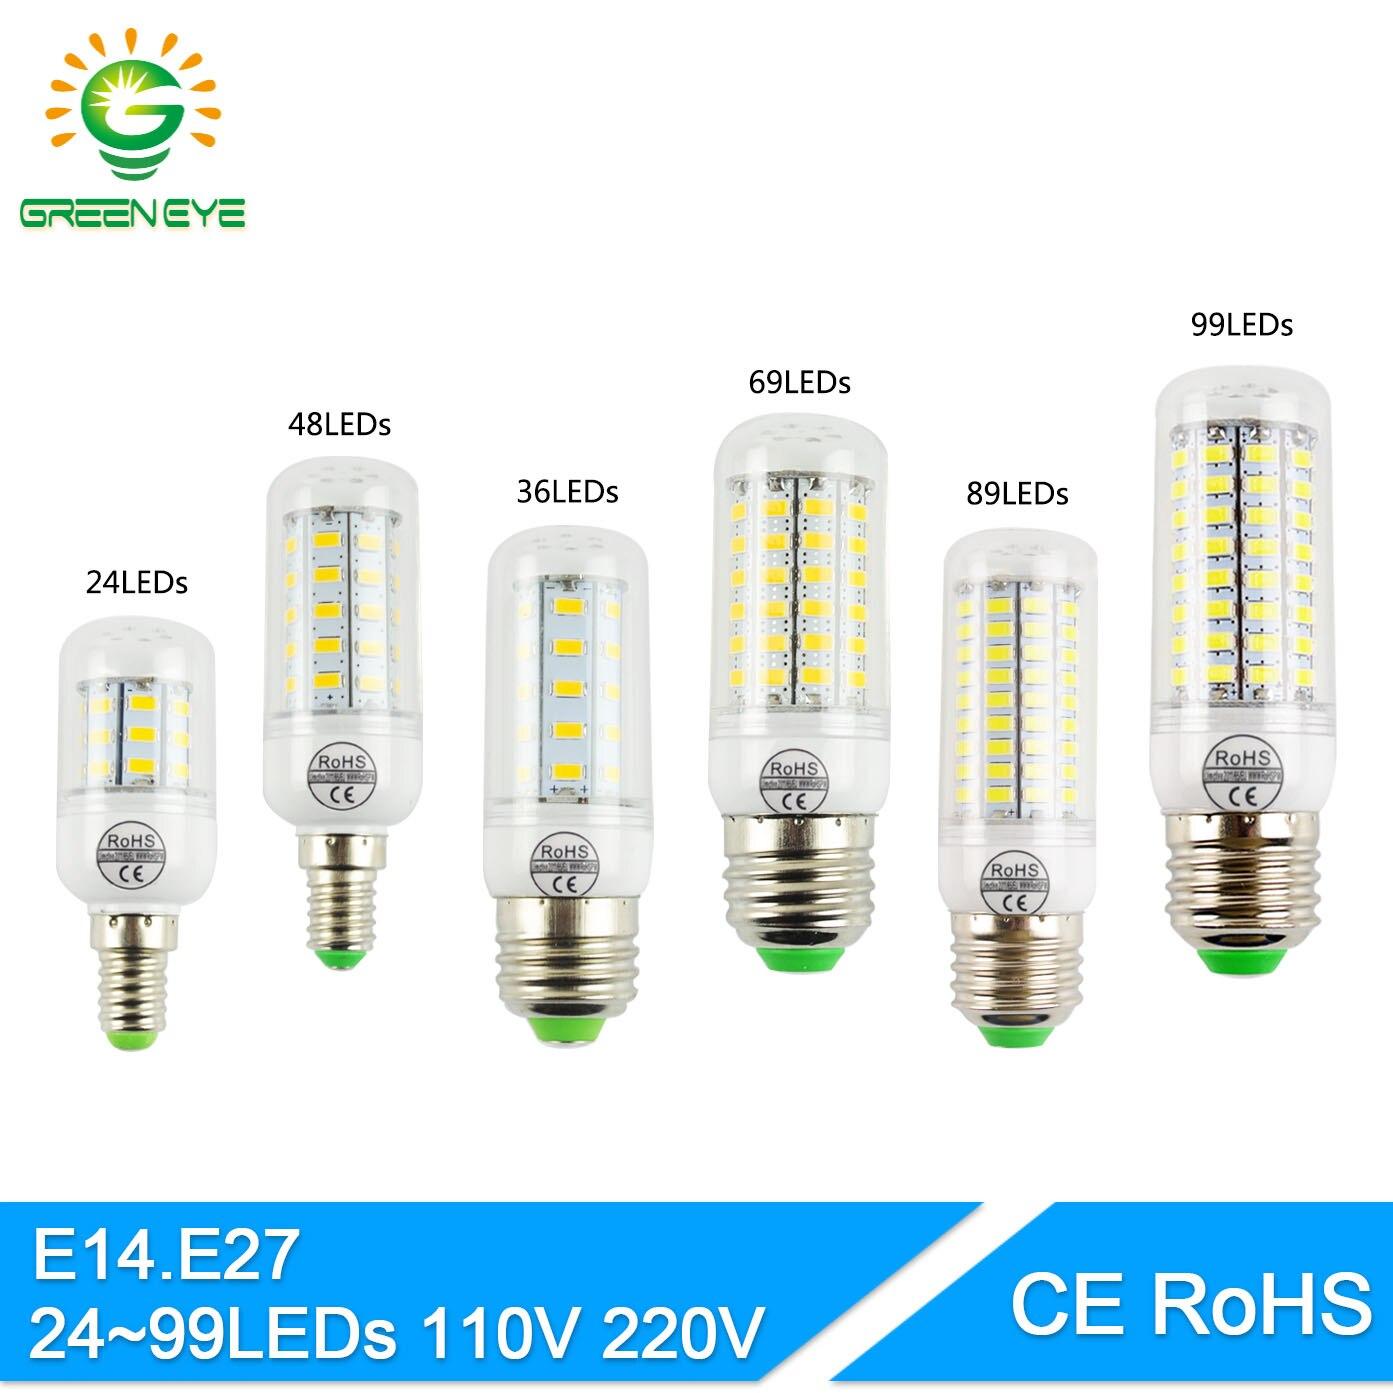 GreenEye-font-b-LED-b-font-Bulb-24-99leds-Lampada-font-b-led-b-font-E14 Verwunderlich Led Birnen Gu5 3 Dekorationen